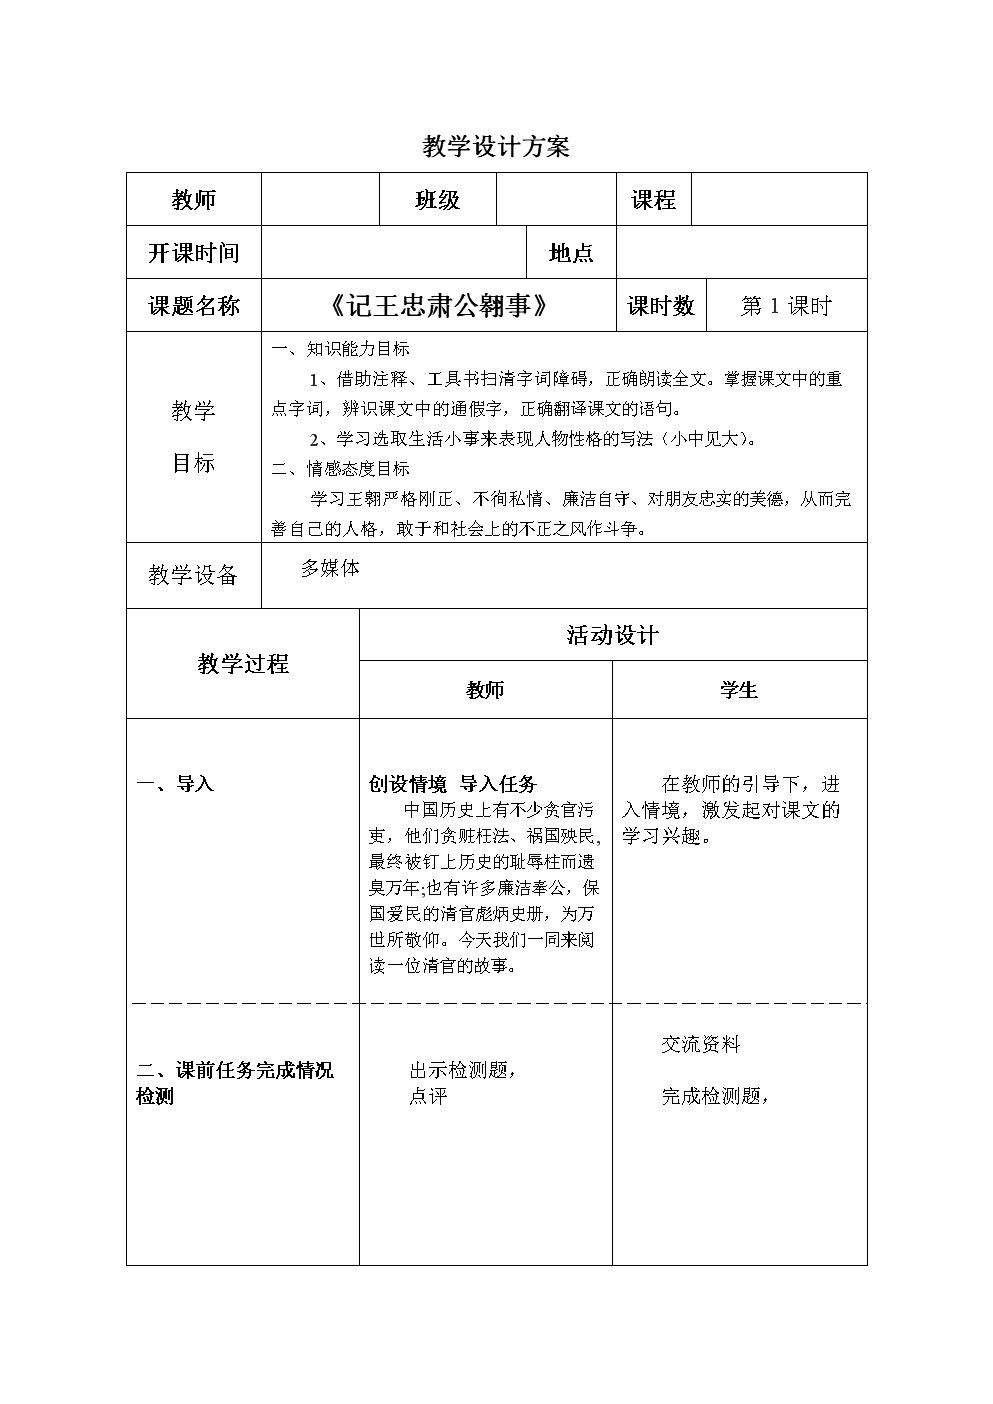 記王忠肅公翱事教案.doc